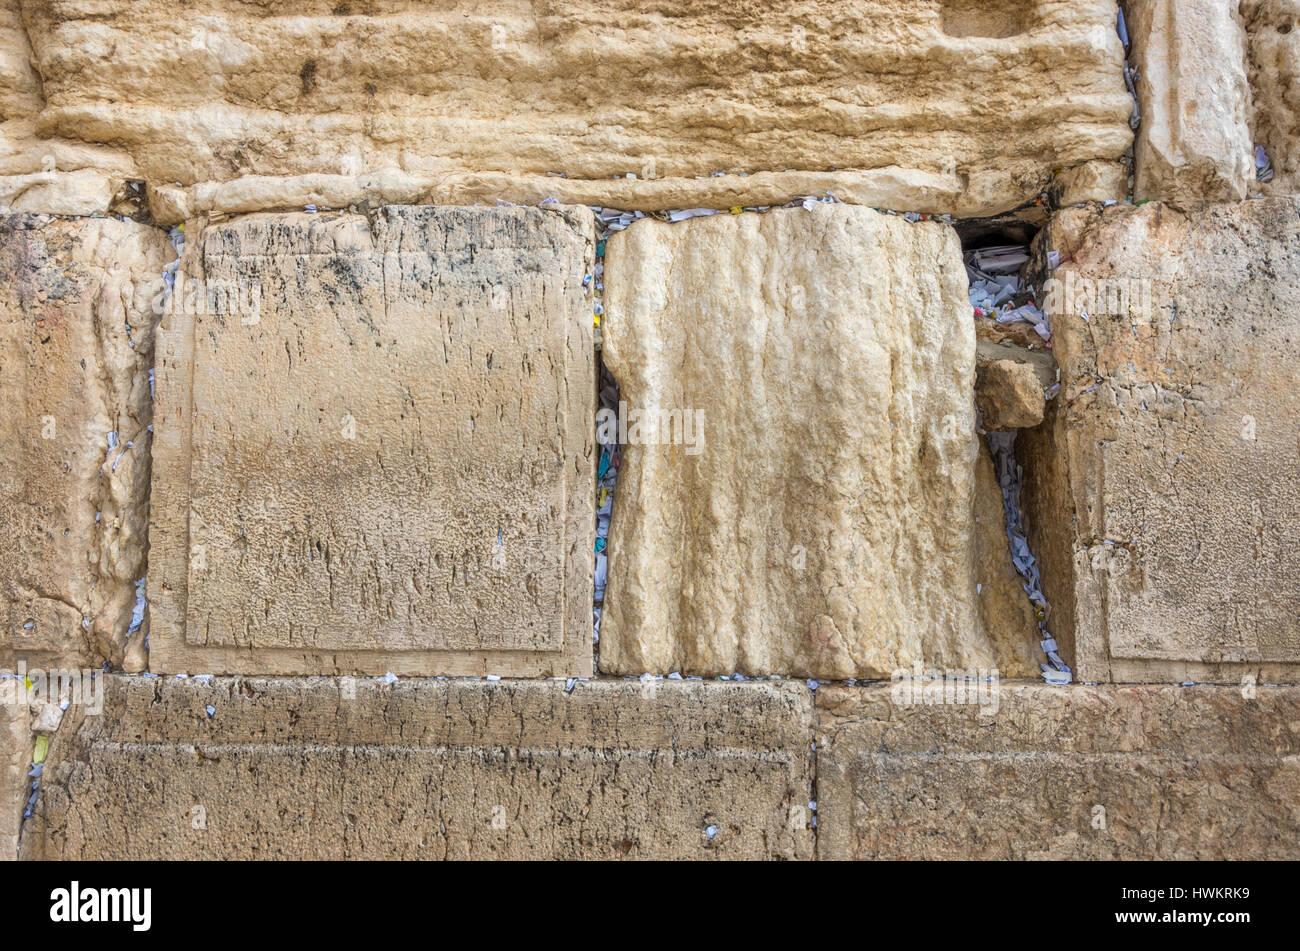 Wailing Wall Prayer Notes - Stock Image